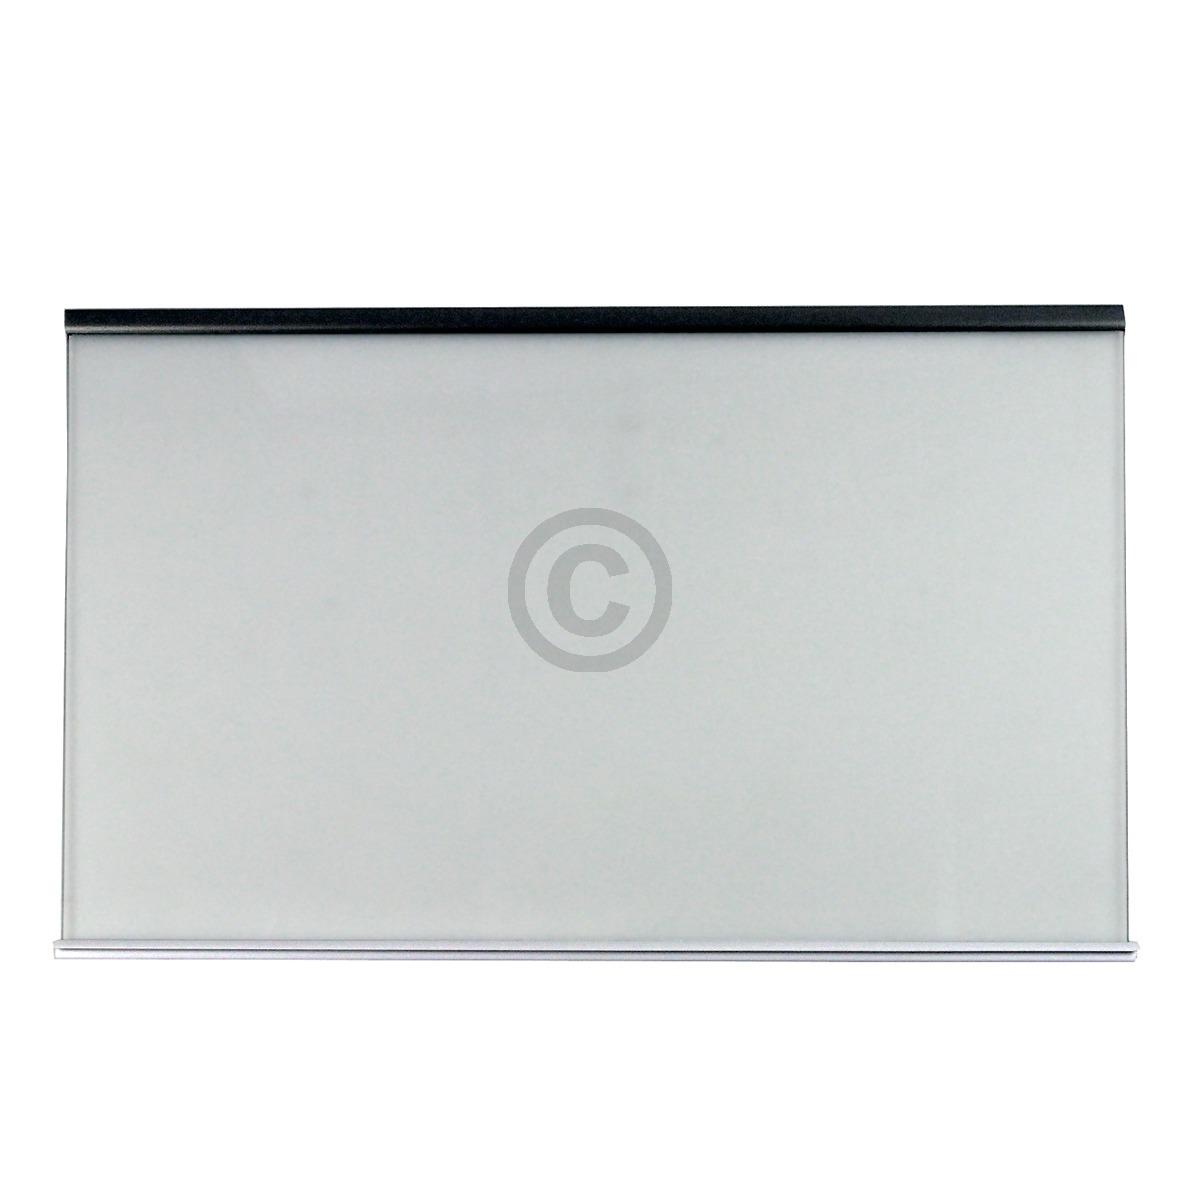 Glasplatte Whirlpool 480132101134 495x317mm für Kühlschrank